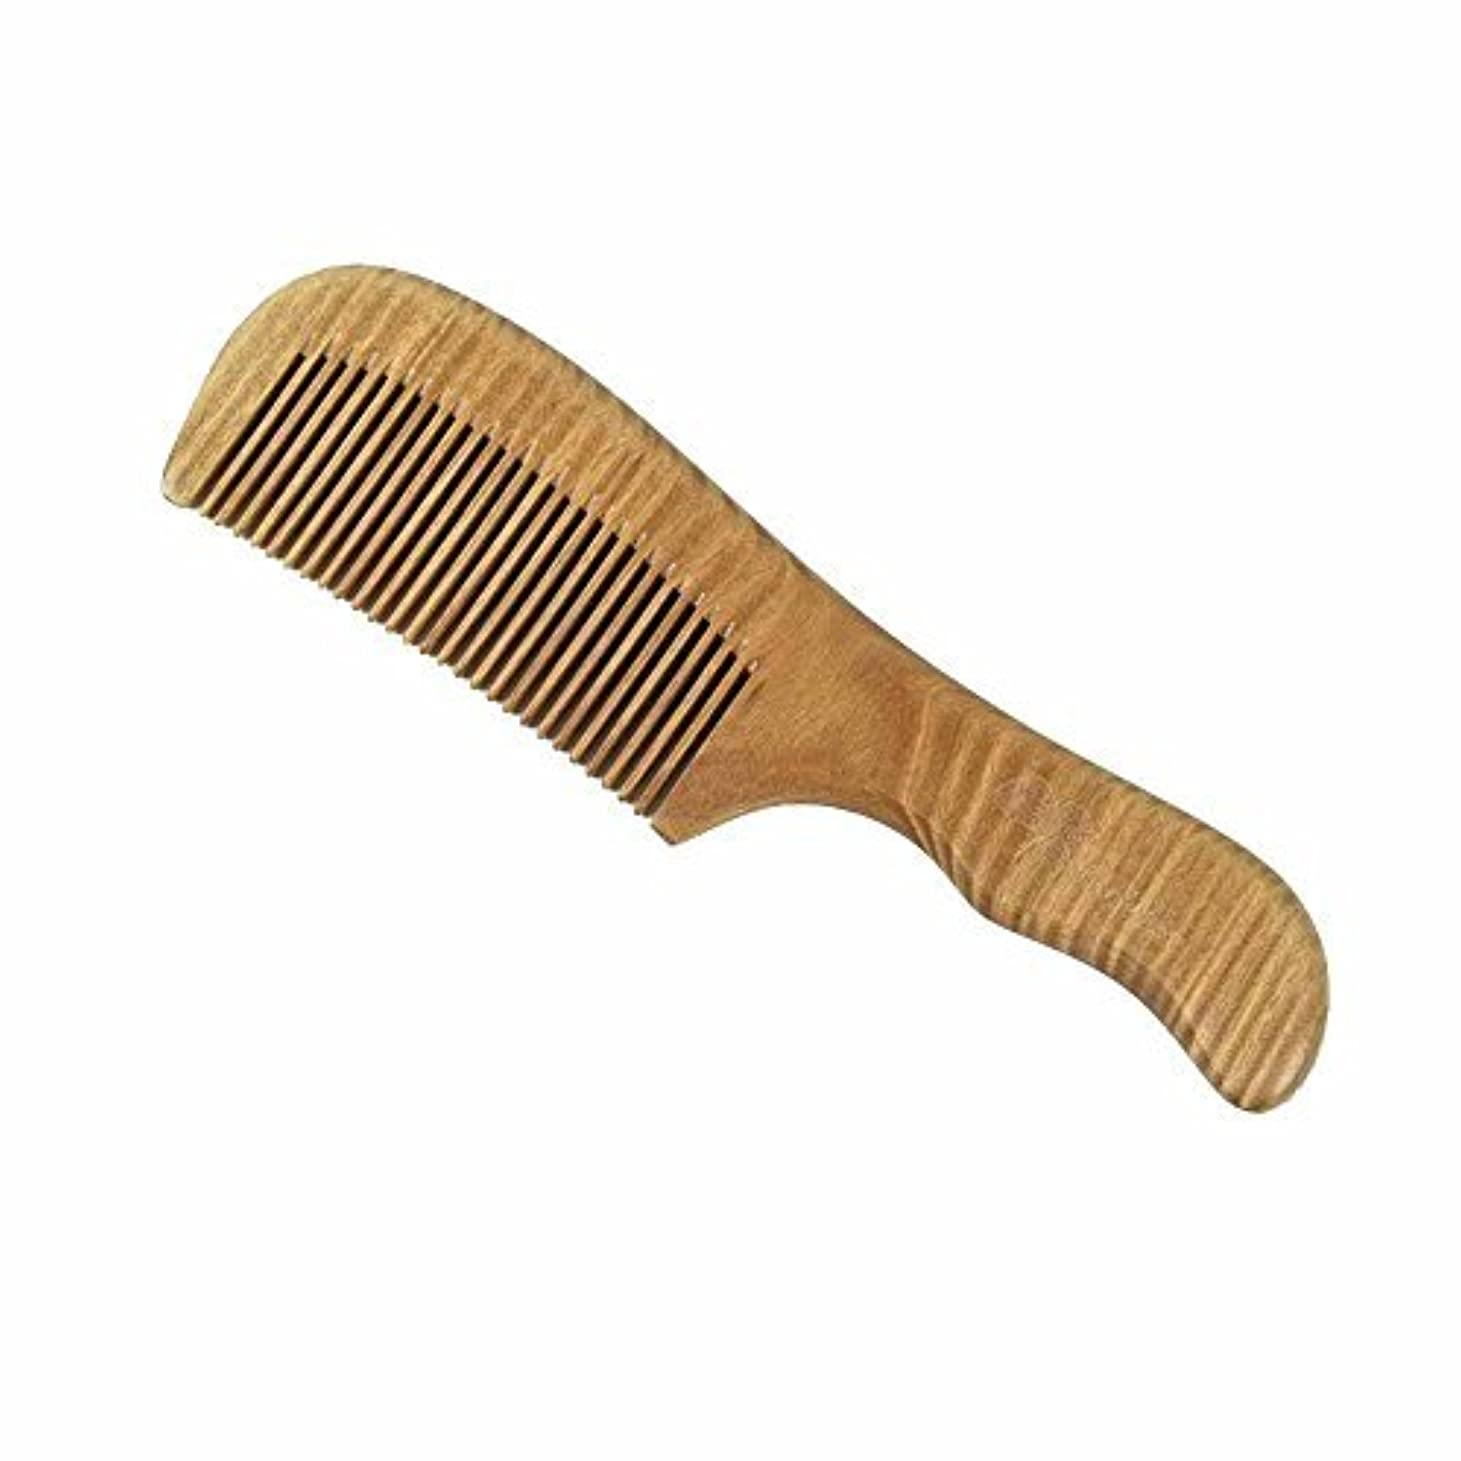 メイン連想ベッドWooden Hair Brush, by GoWoo, Fine Tooth, Detangling, Natural and Handmade, for Men and Women, From Earth to Earth...